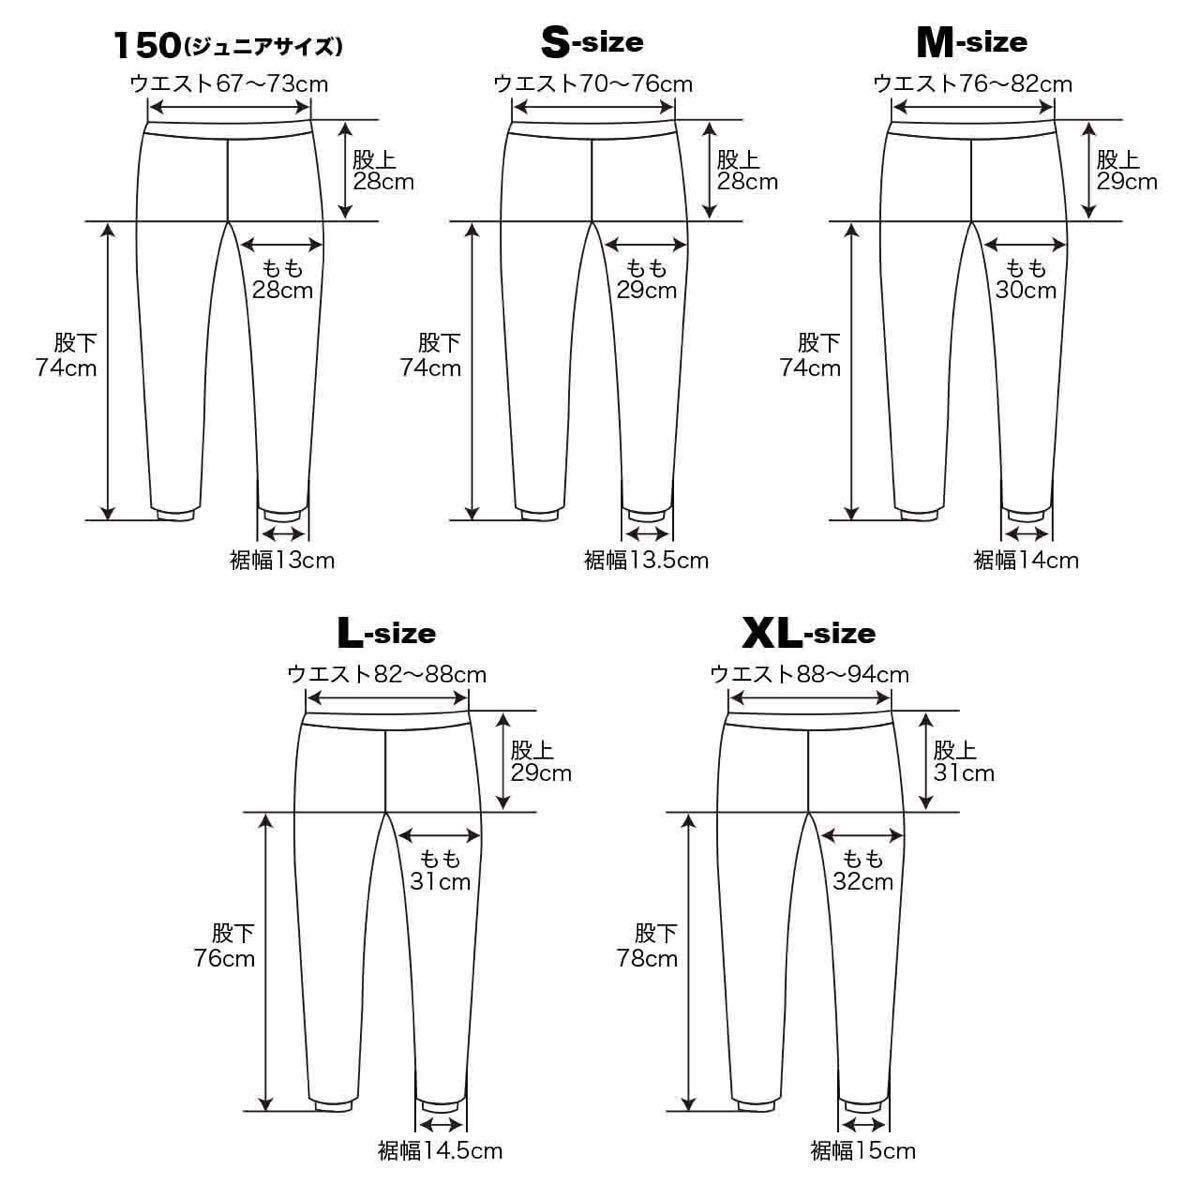 新品 トップガン マーヴェリック トムクルーズ US AIR FORCE 空軍 パーカー XS S M L XL ビッグ オーバーサイズ XXL 黒 Tシャツ ロンT 対応_画像10